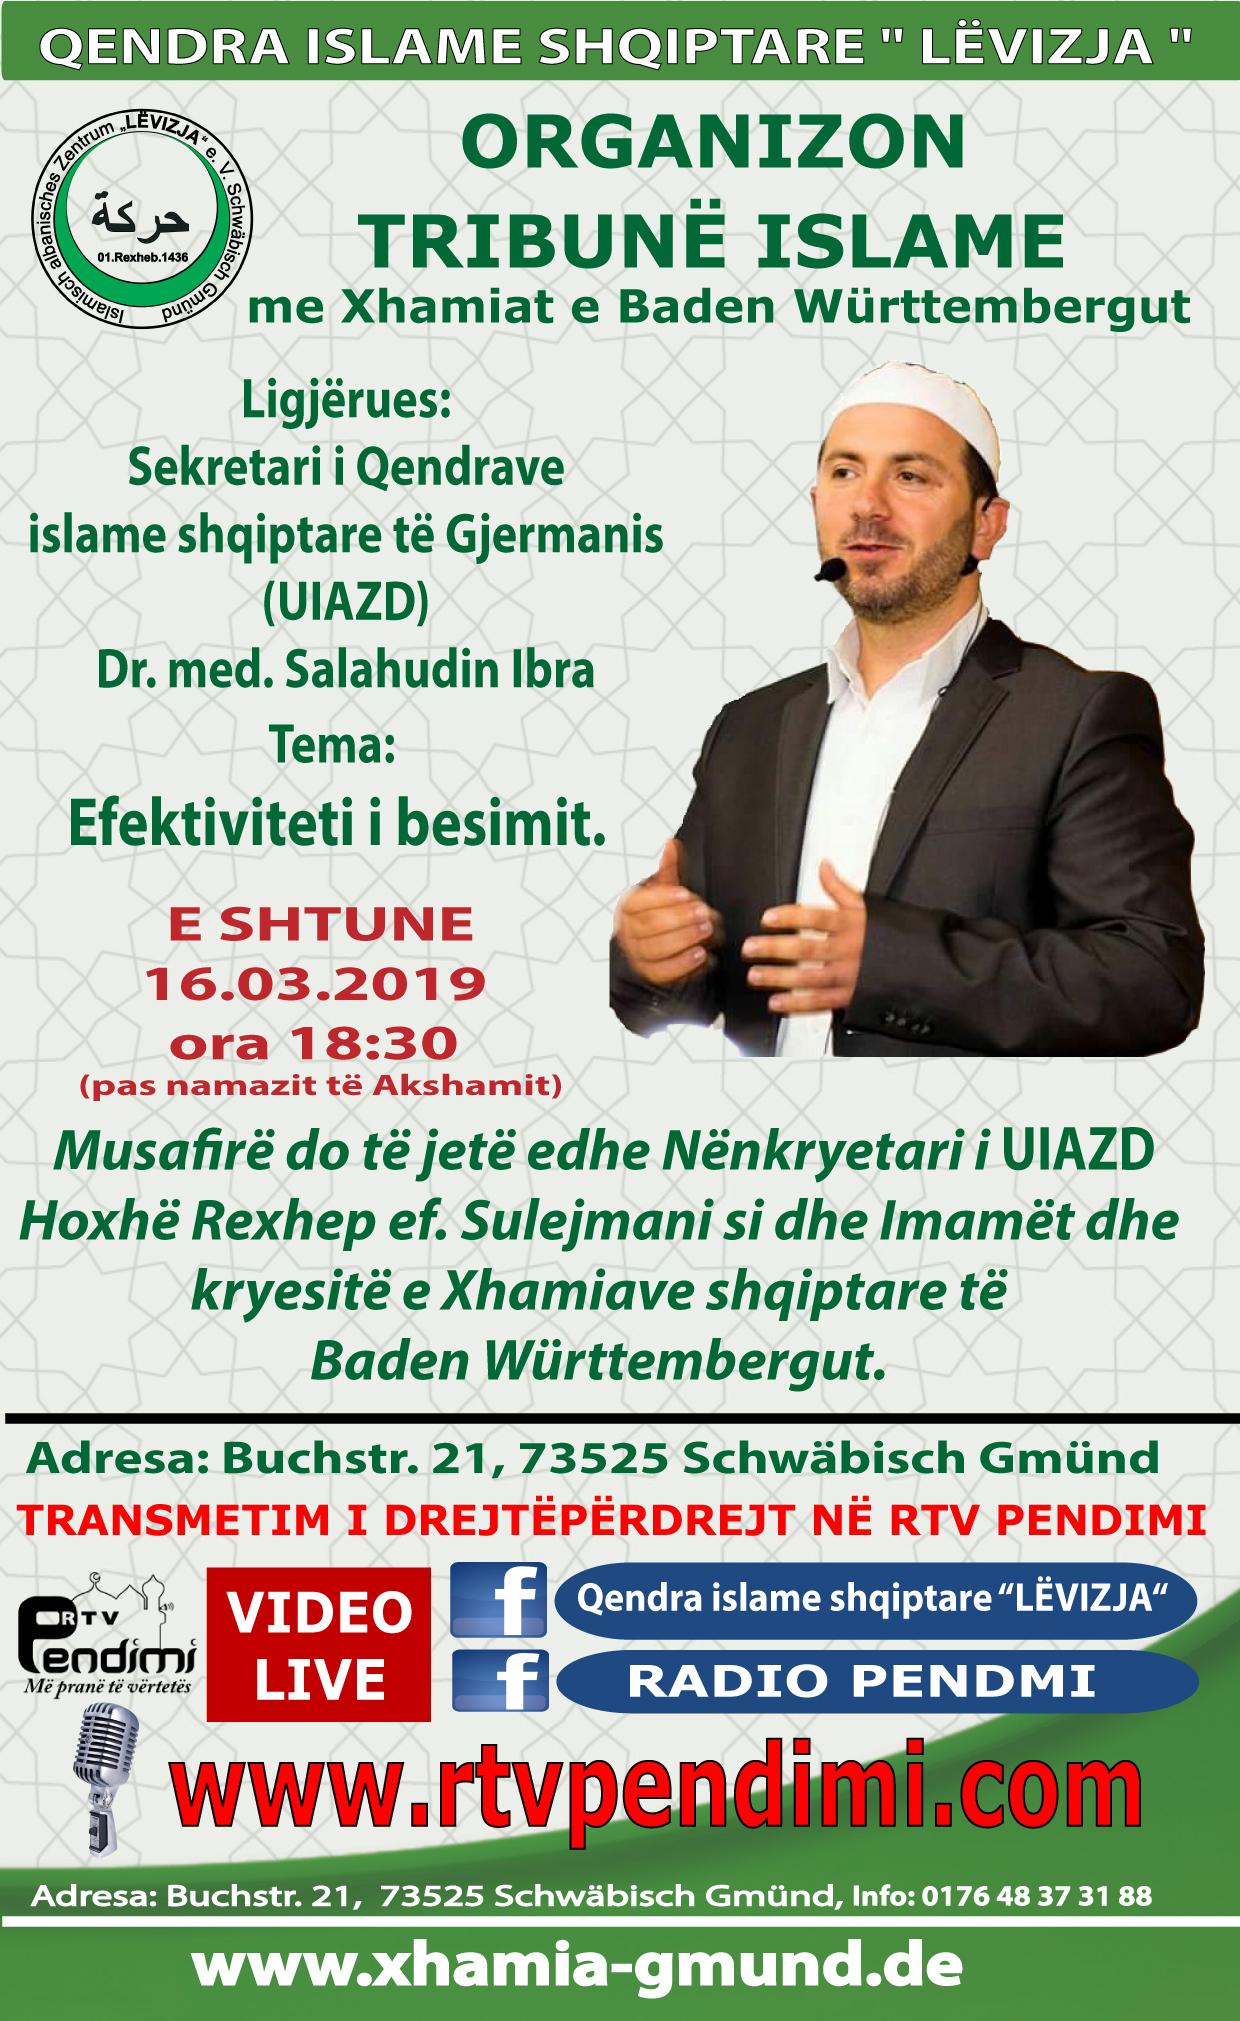 1. Tribun me Xhamiat e Baden Württembergut LEVIZJA2